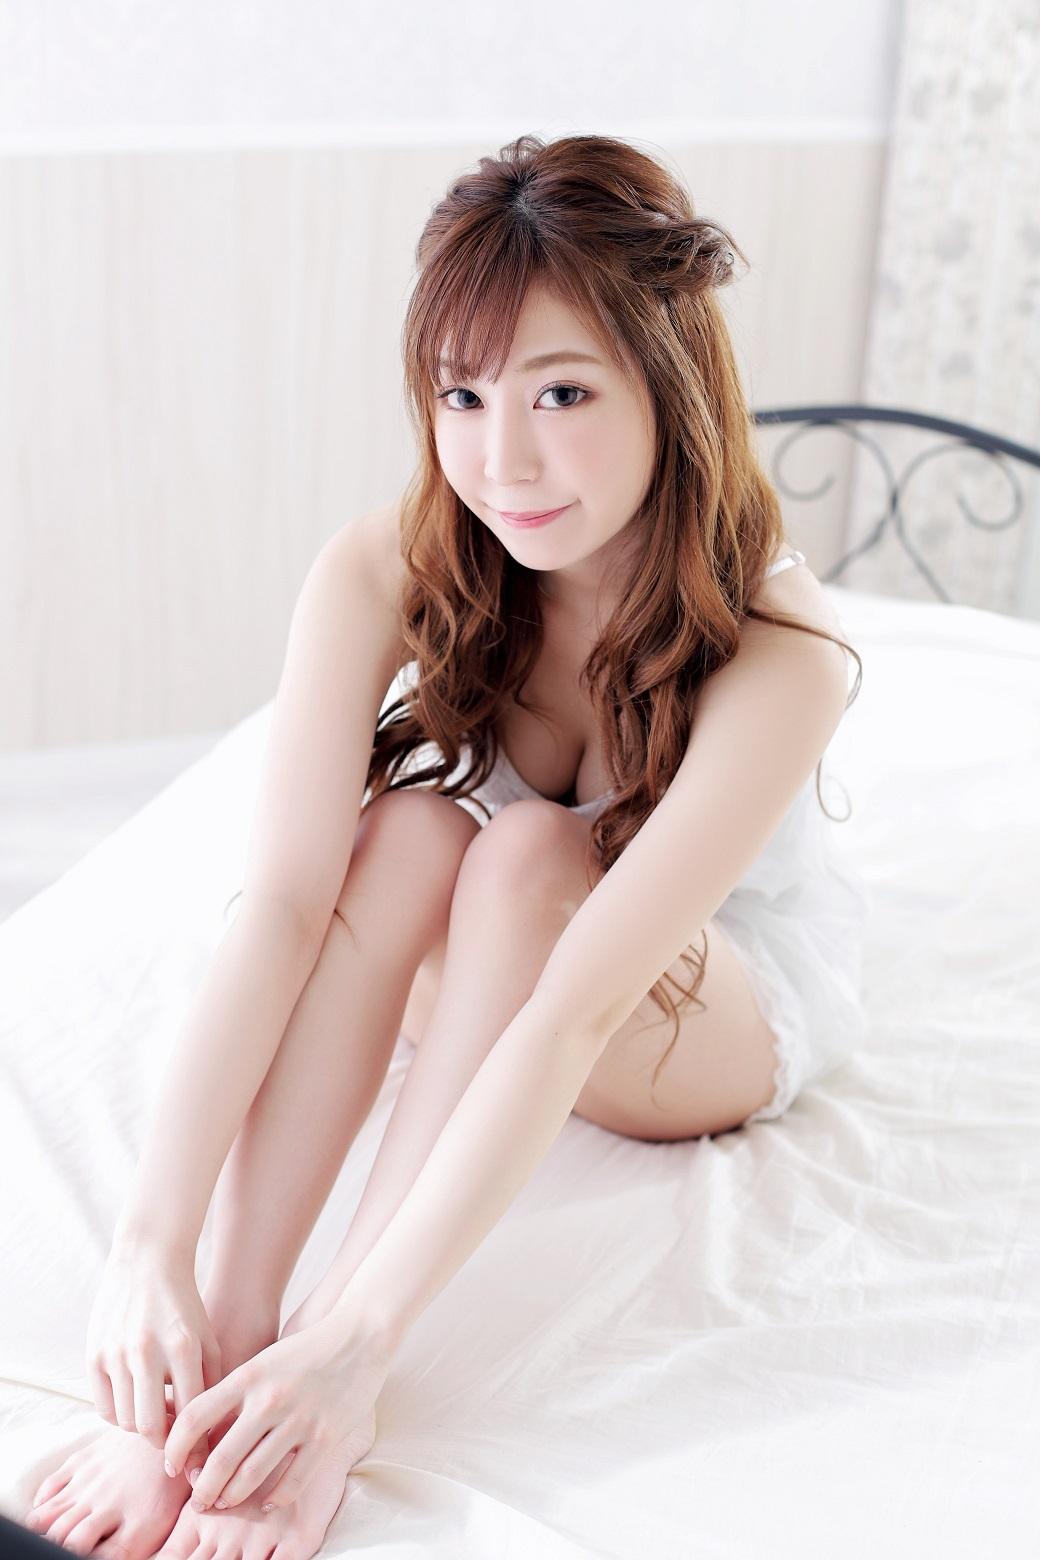 ichinose_emiri_s_t_09